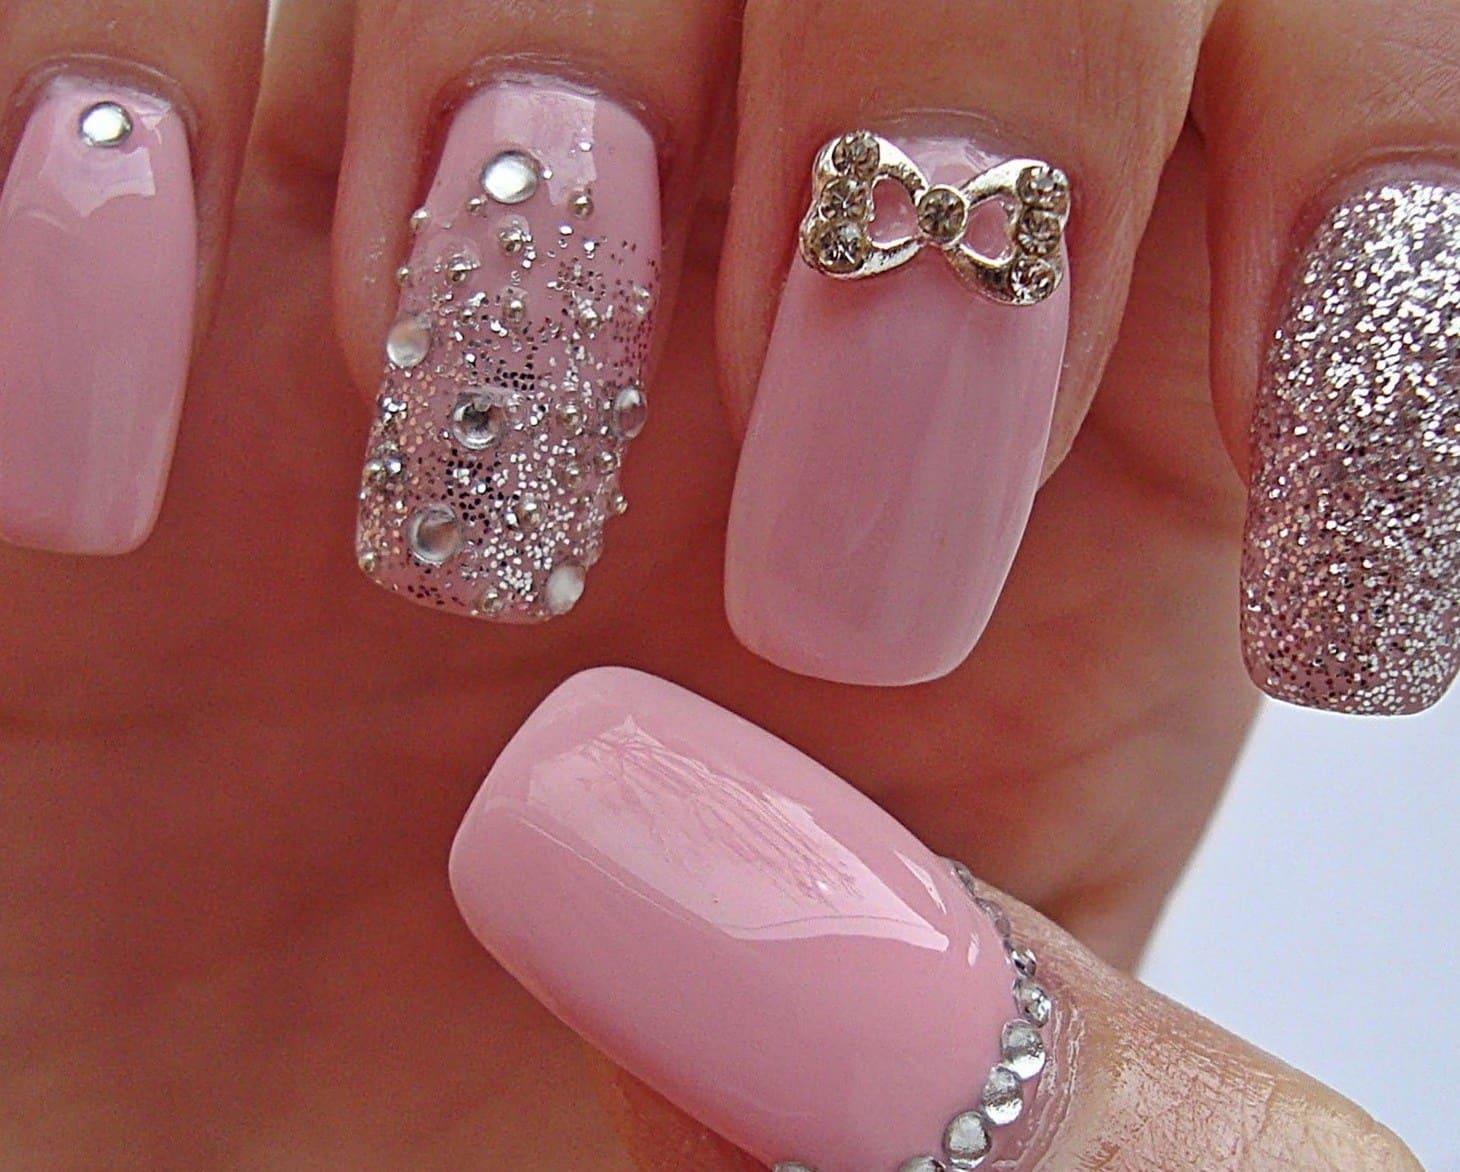 В процессе дизайна ногтей специалисты ногтевого сервиса используют разные материалы — это хрустальные, стеклянные, акриловые камни, а также элементы из пластика и циркония.